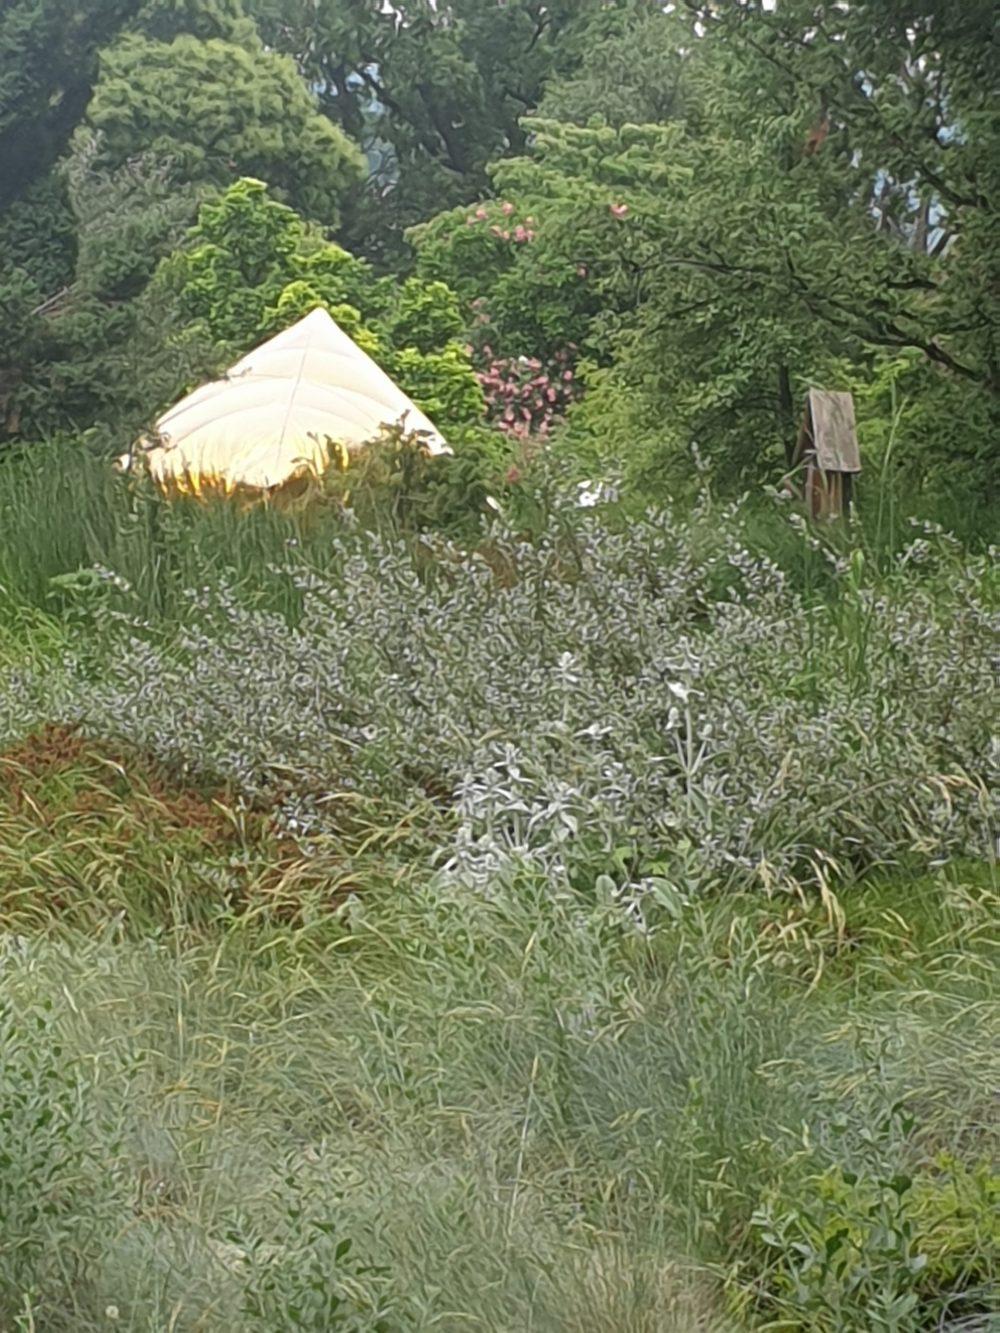 Eines der Luftobjekte zwischen Bäumen udn Sträuchern im Botanischen Garten Linz